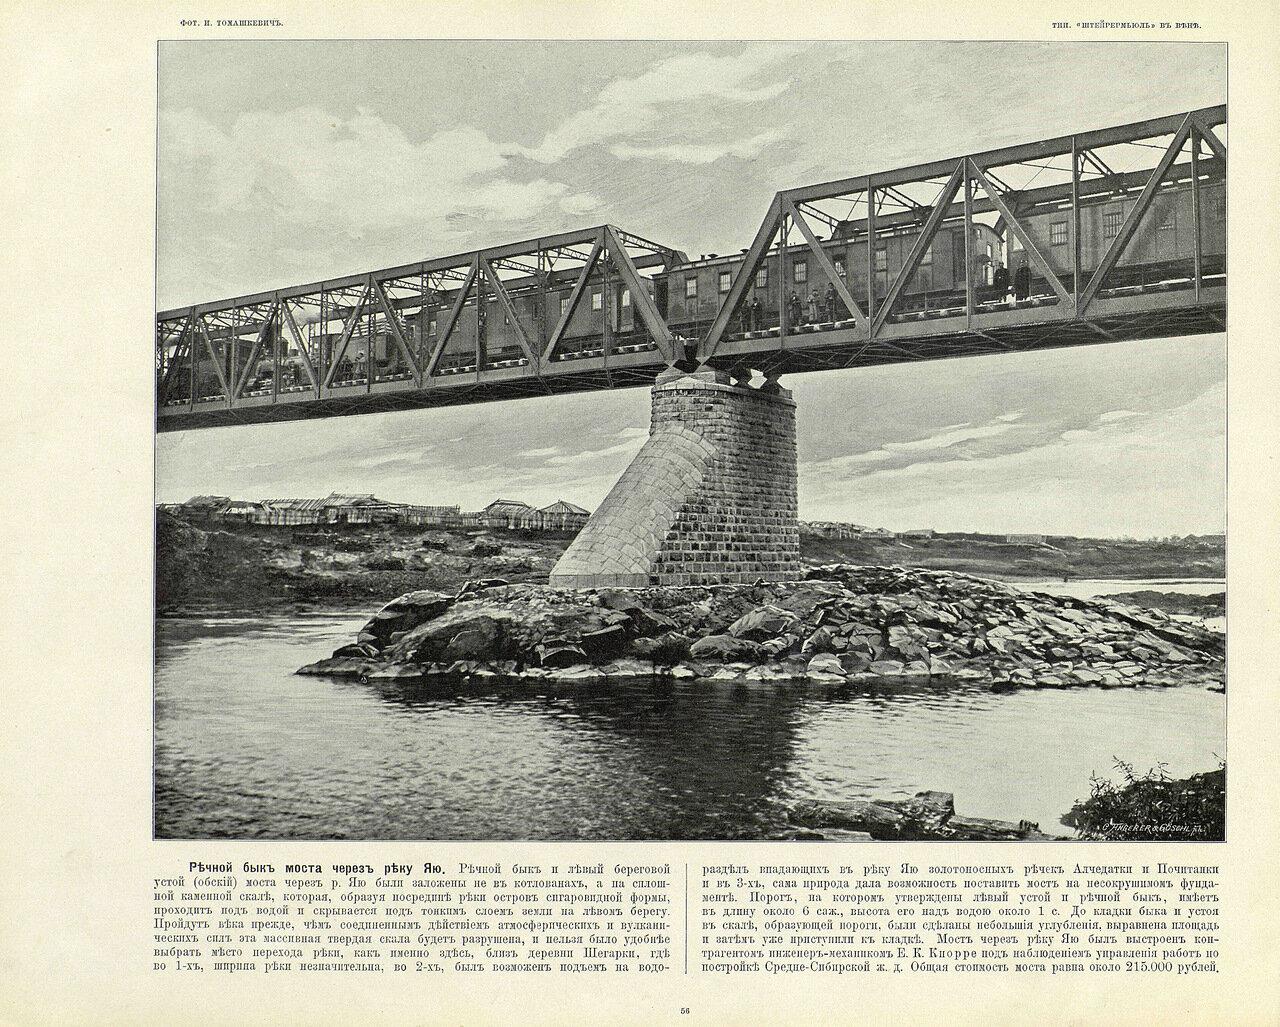 56. Речной бык моста через реку Яю.